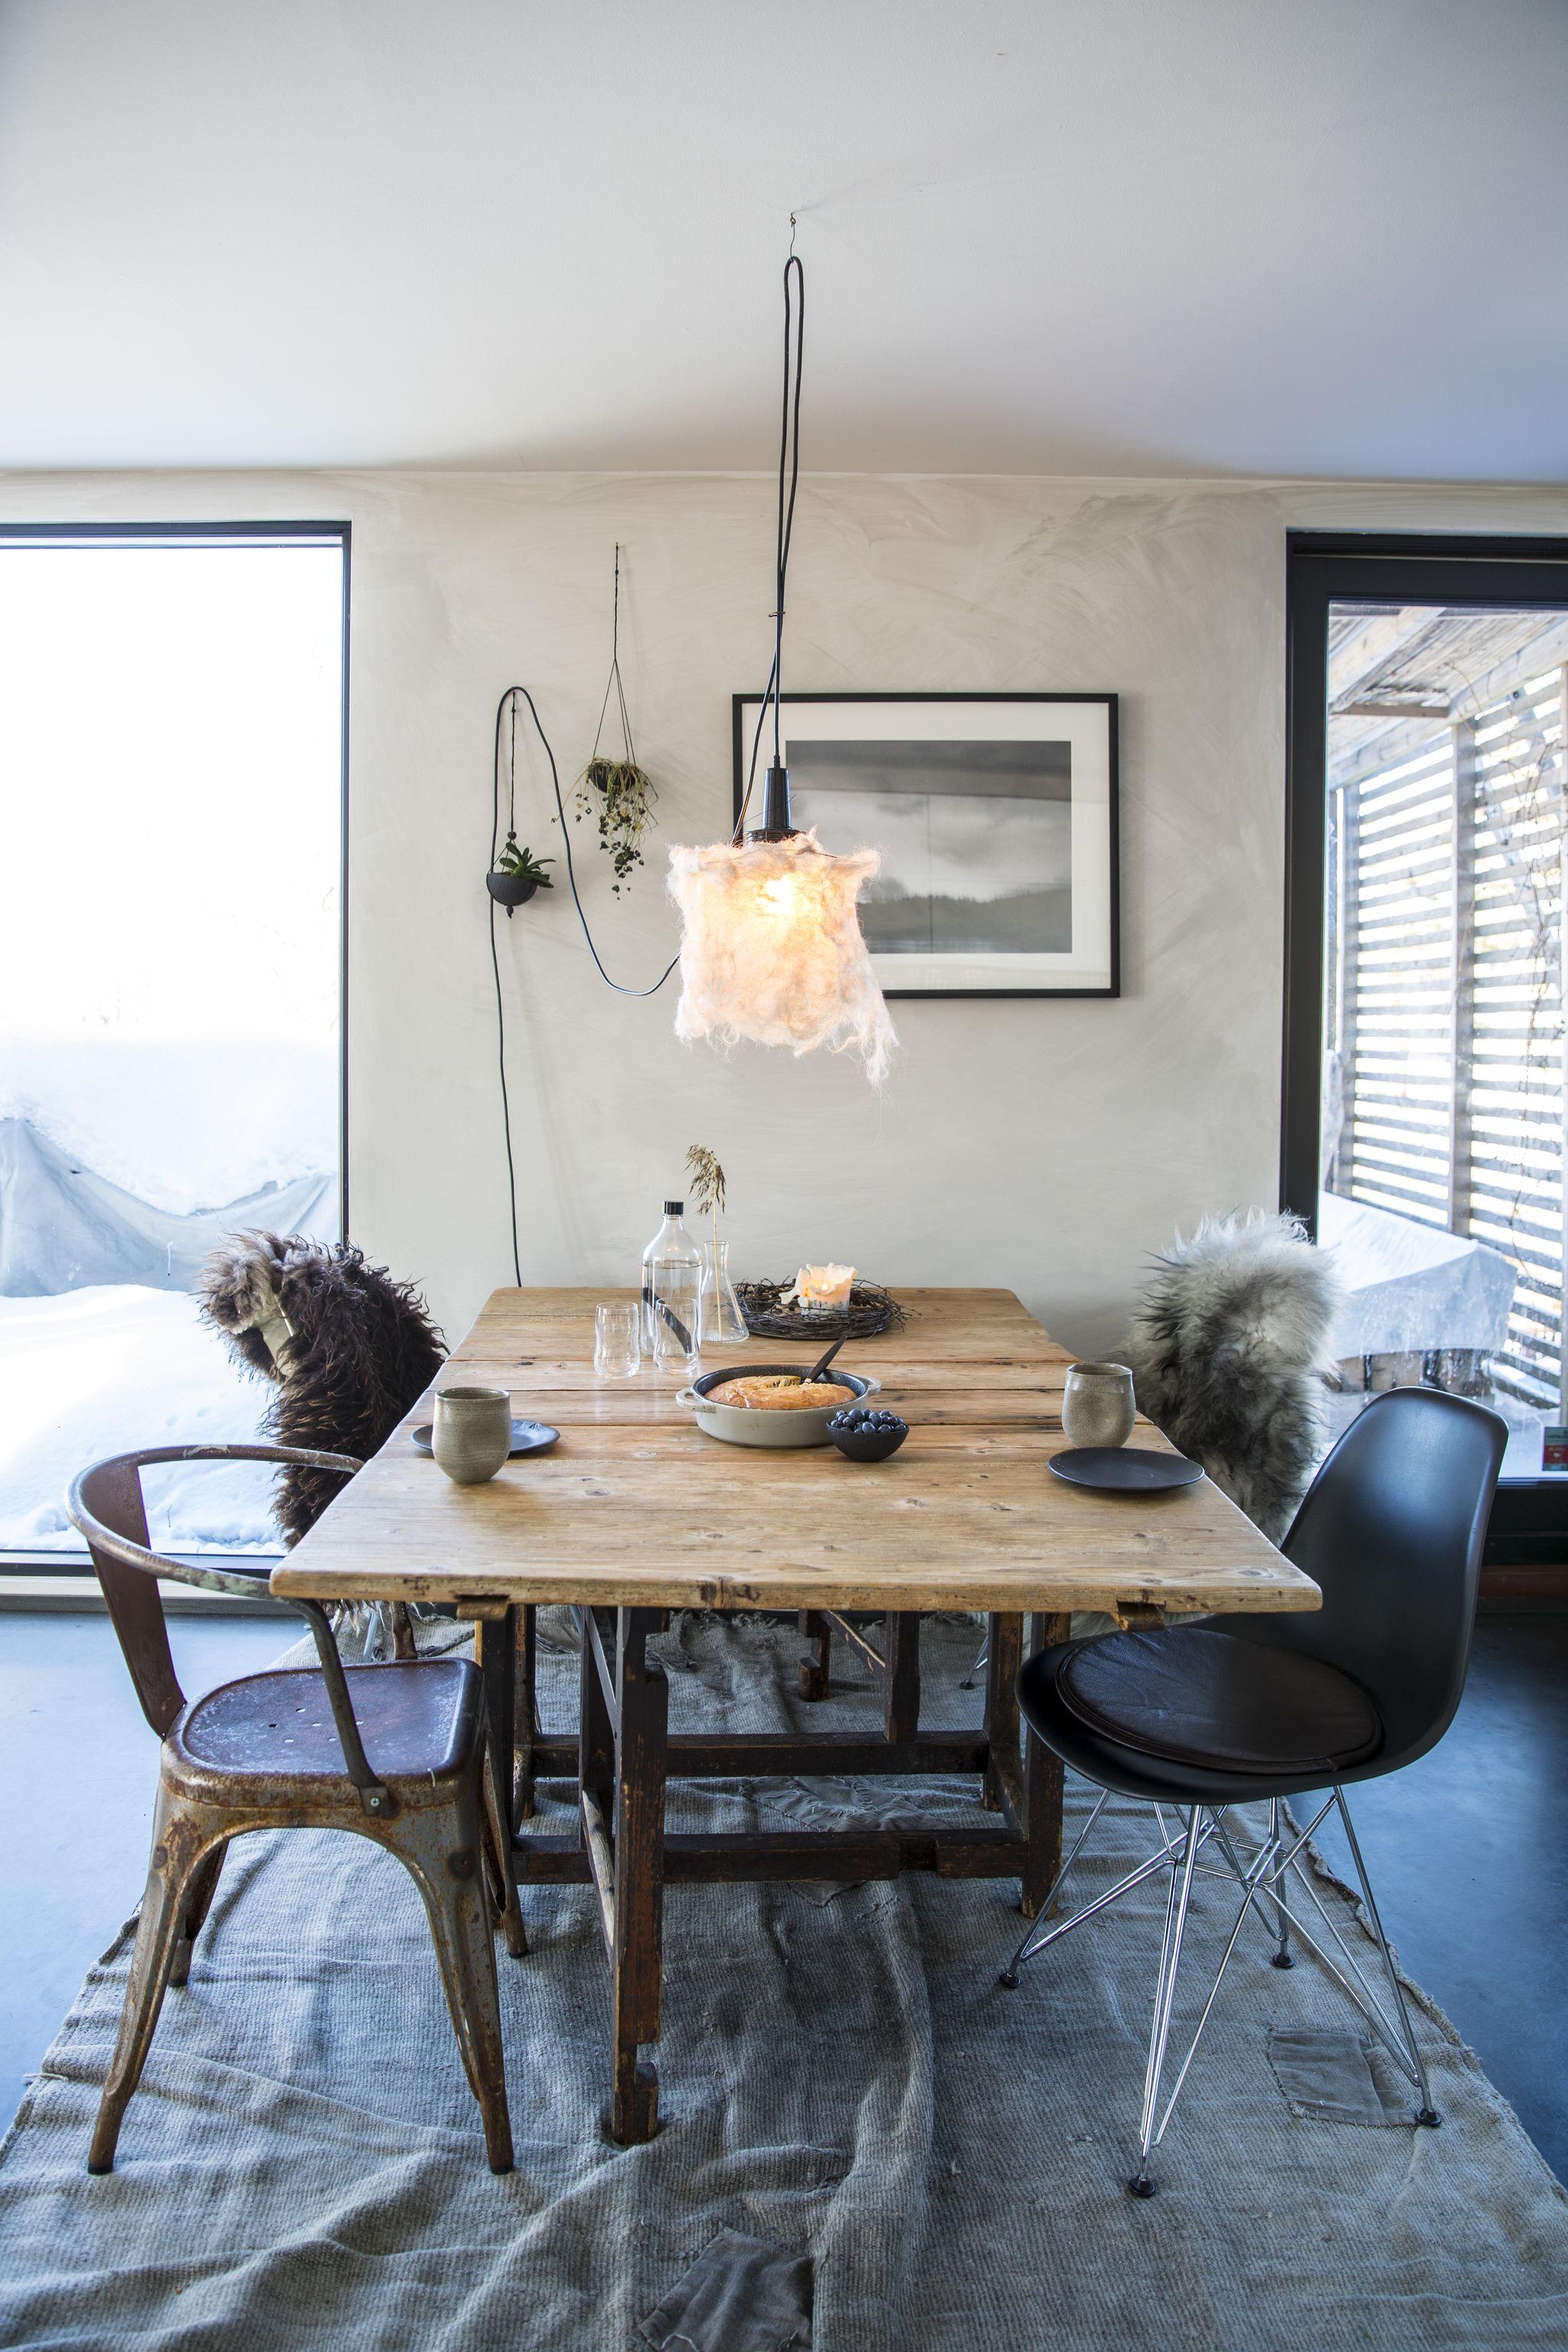 FOTO: Ruud, Vidar / NTB scanpix   MILJØVENNLIG: Veggen er malt med kalkmaling, gulvteppe er laget av resirkulerte tepper og farget med naturfarger. Bord og stoler er kjøpt brukt.